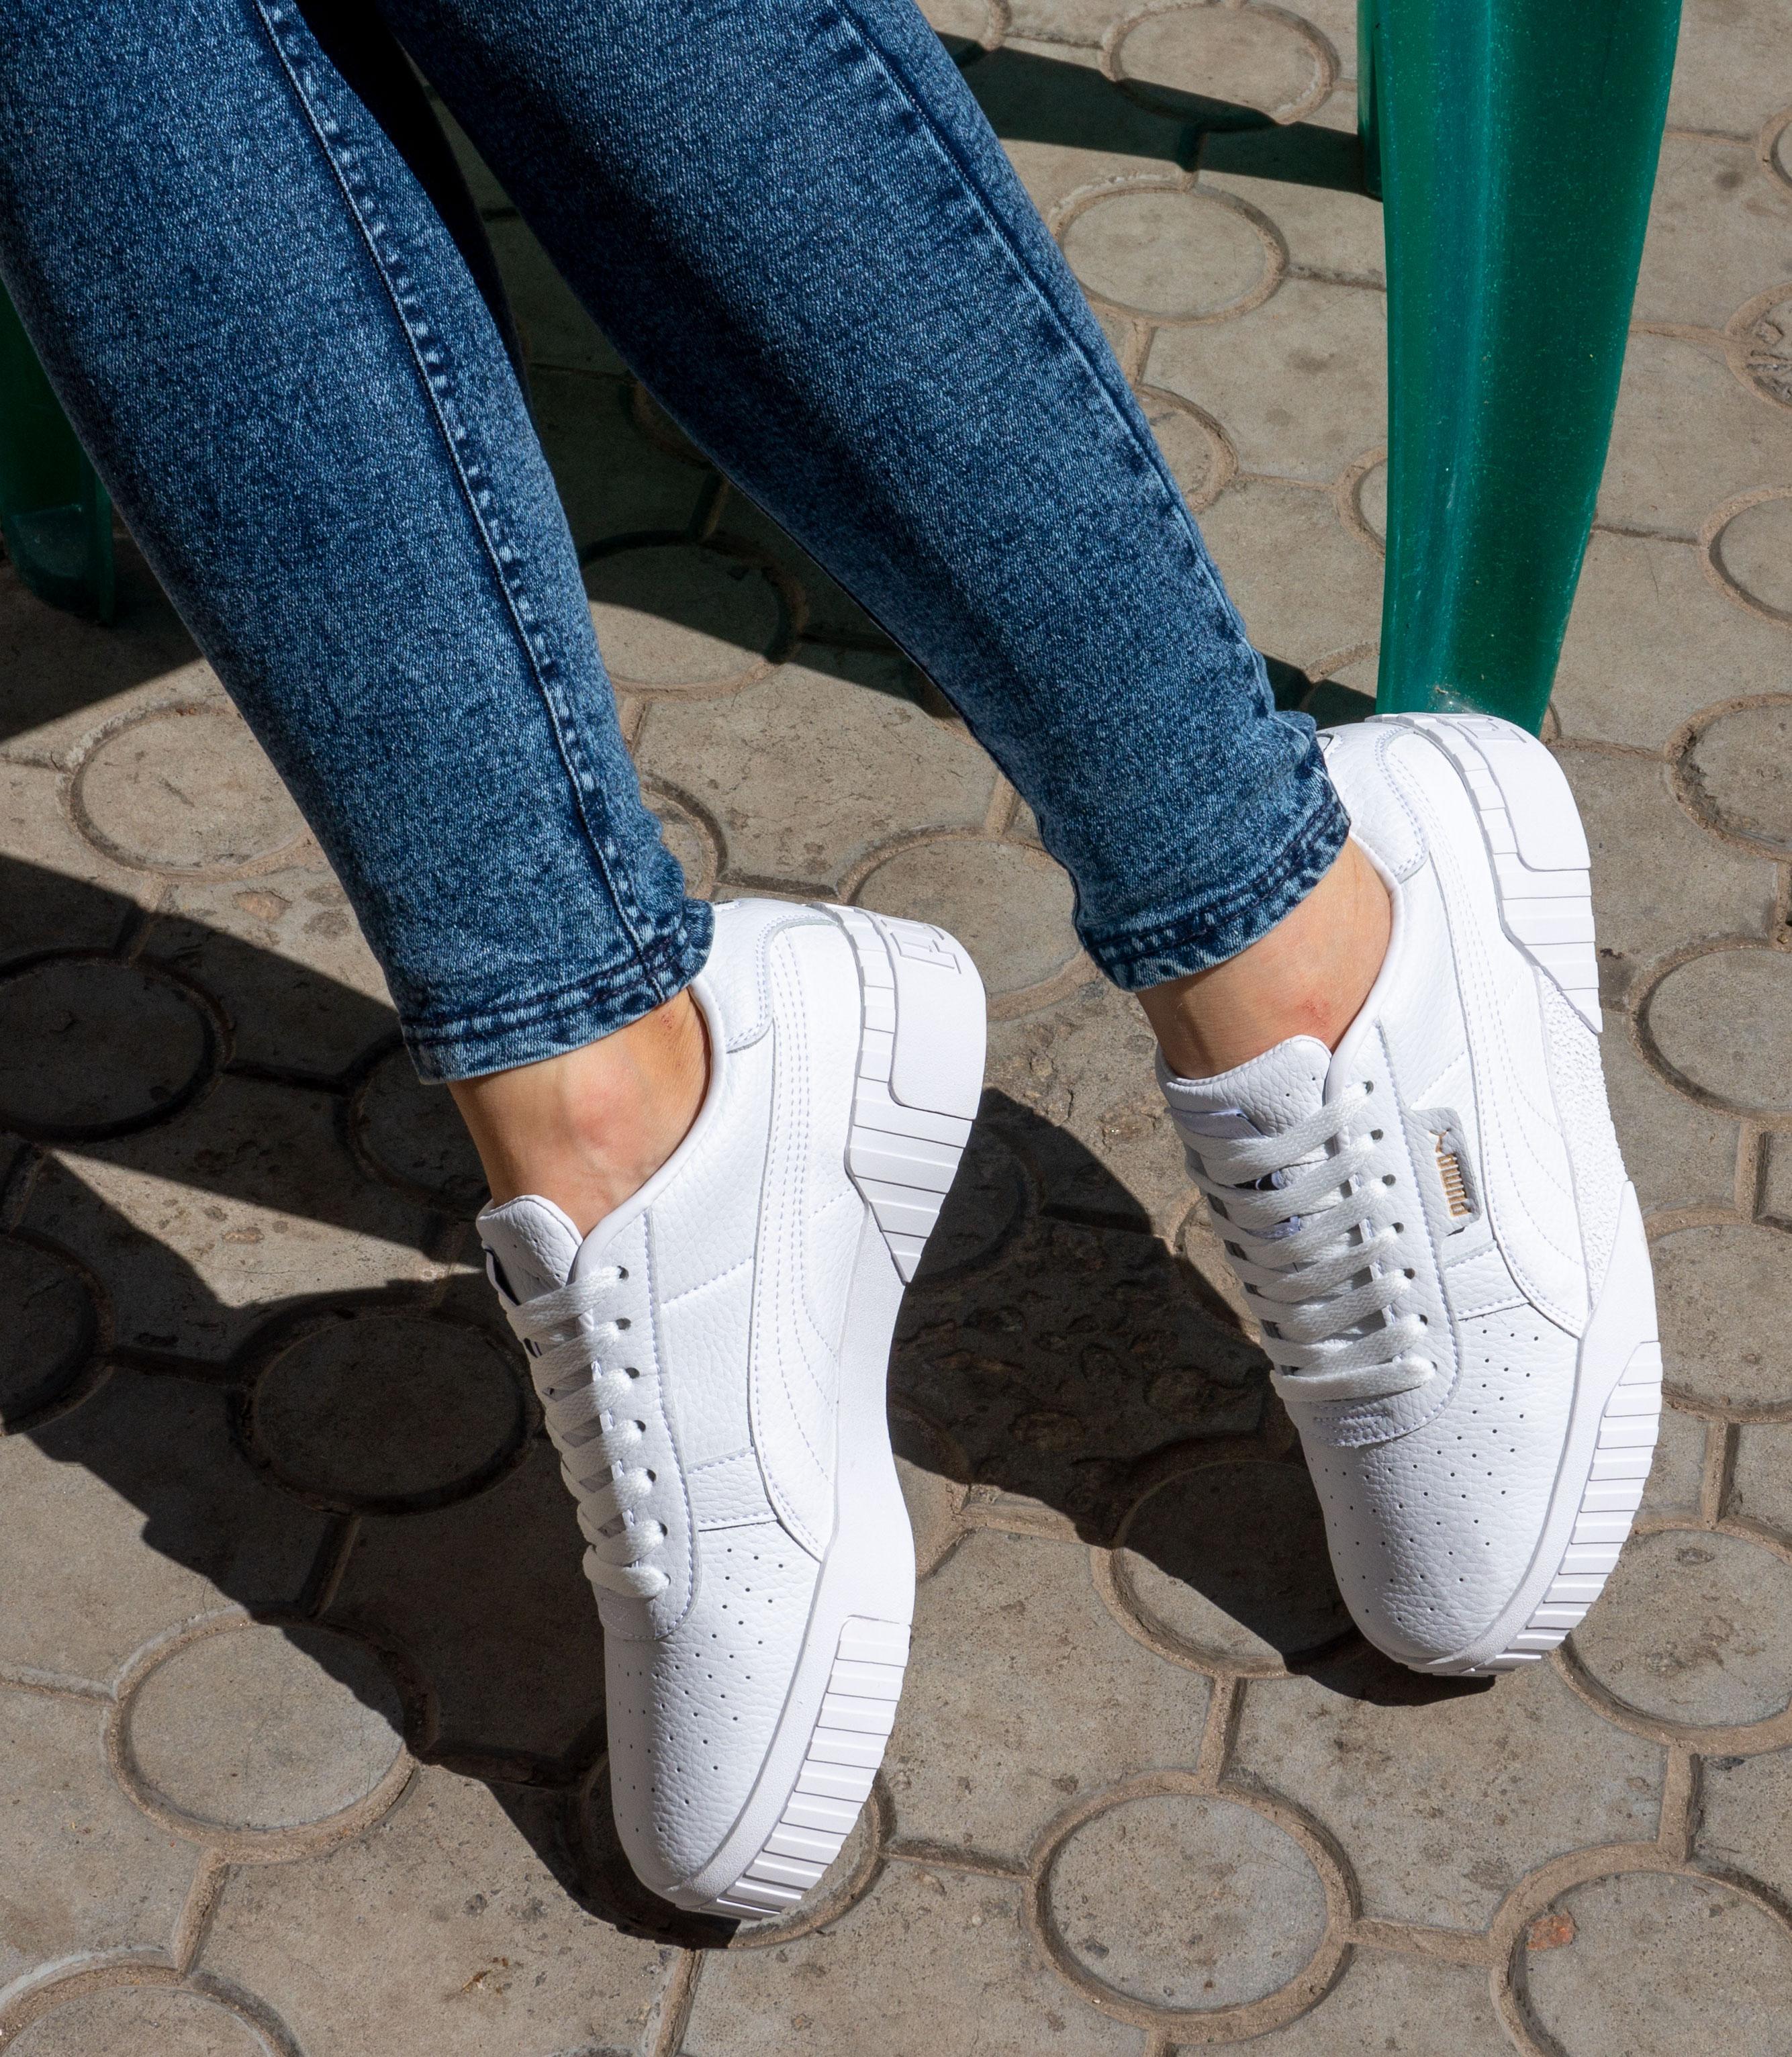 фото - Кожаные кроссовки Puma Cali белые. Топ качество! на ноге.